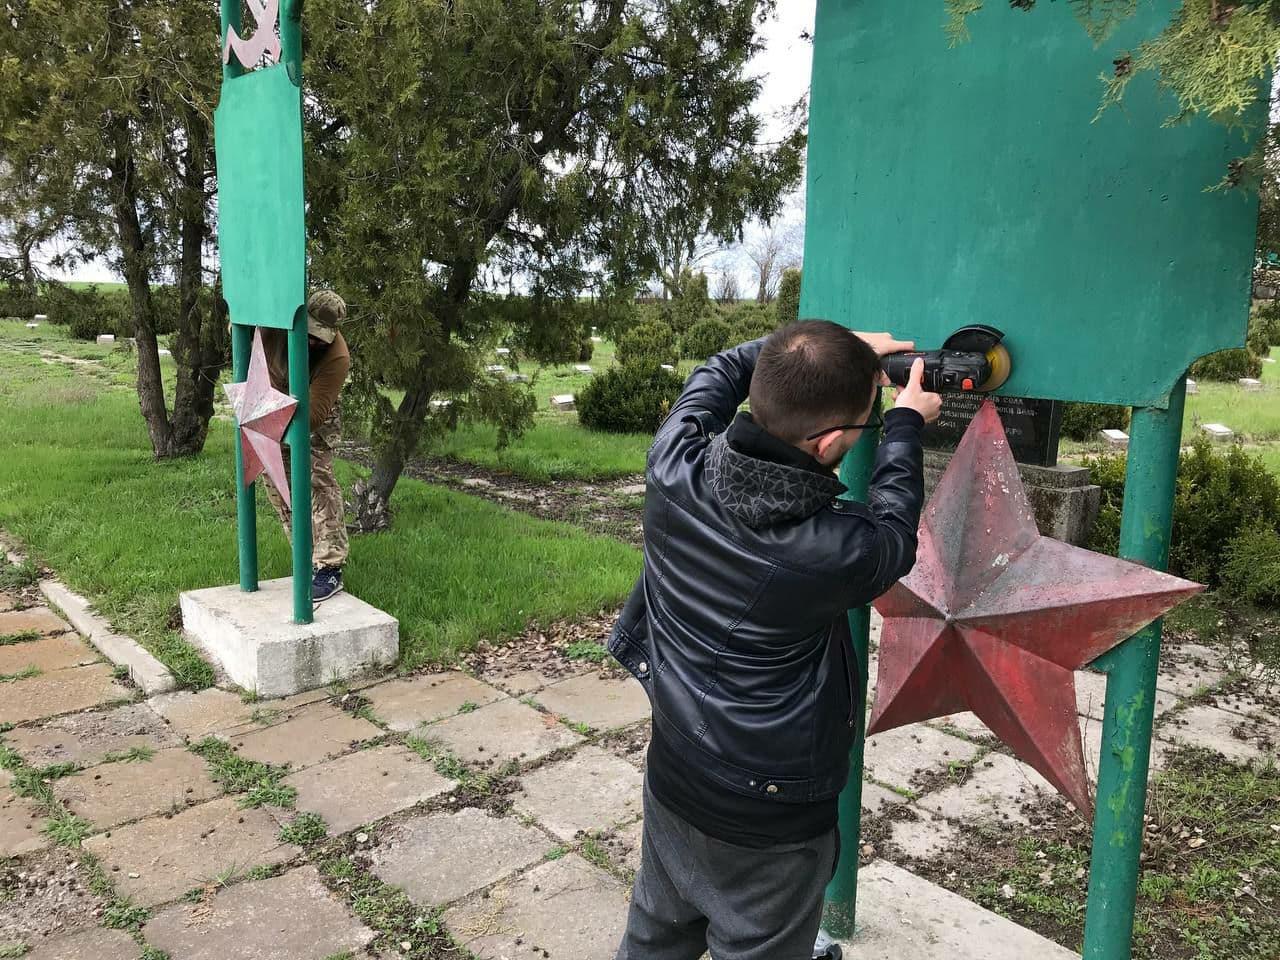 Без Купюр 3-ій об'єкт декомунізували кропивницькі активісти,  символіку передали музею Головне  суботці новини Кіровоградщина декомунізація 2021 Квітень